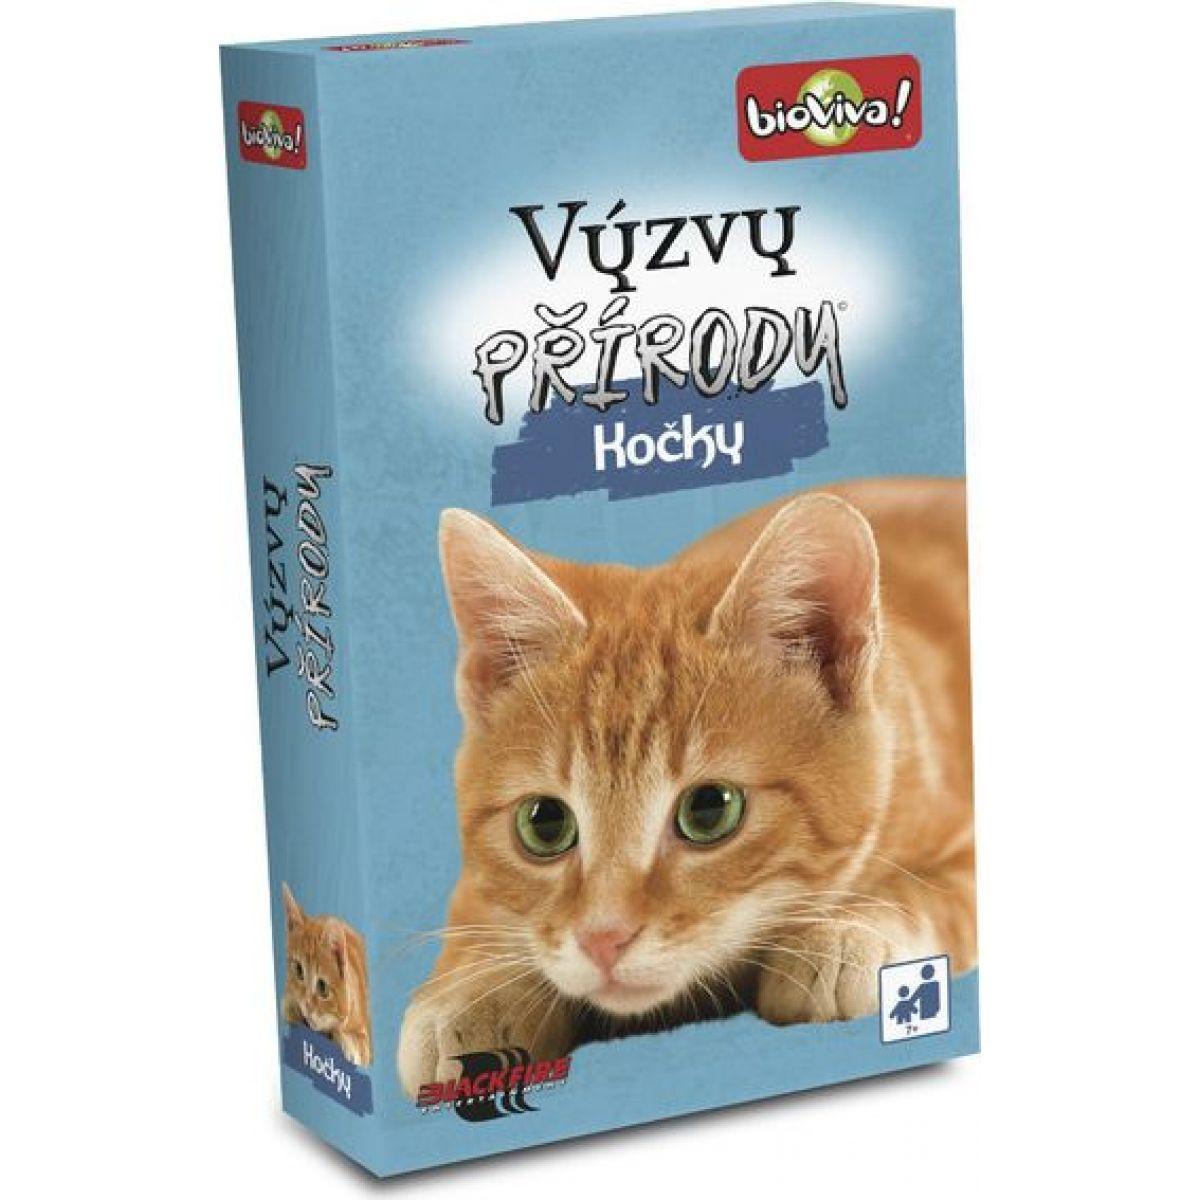 Bioviva! Výzvy Přírody: Kočky